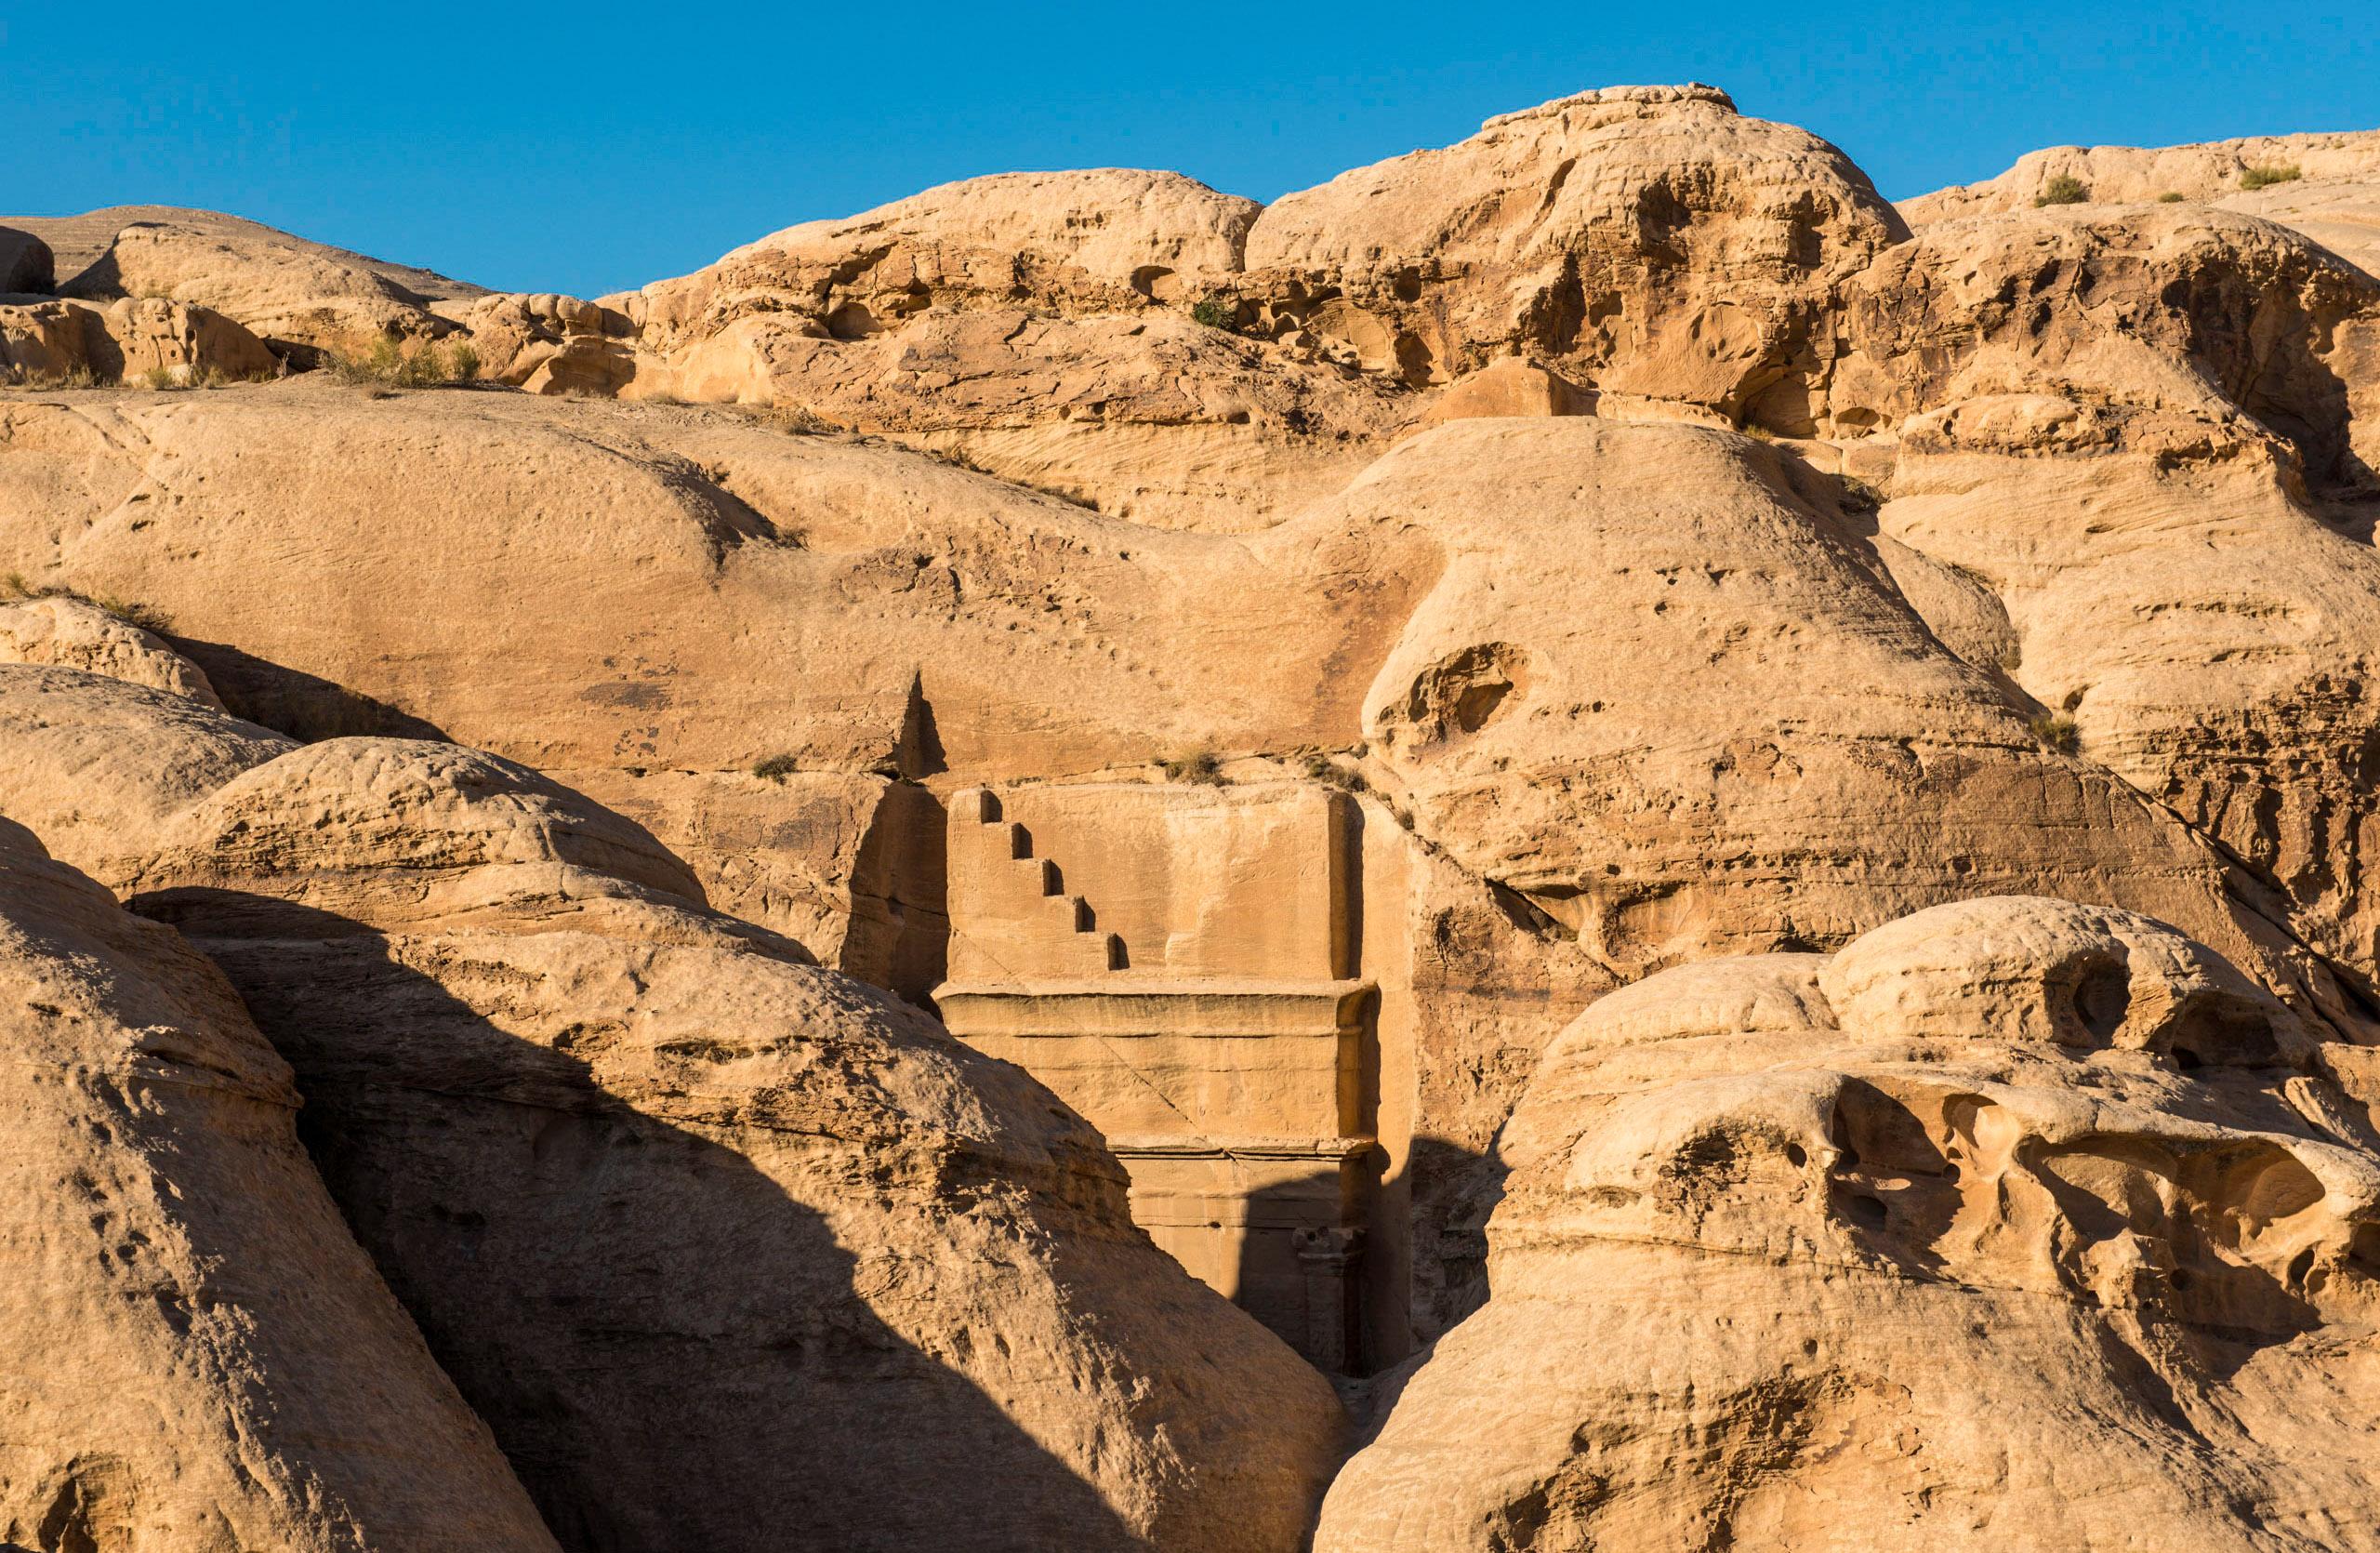 L'antique cité nabatéenne de Pétra. Tombeau avant l'entrée du Siq